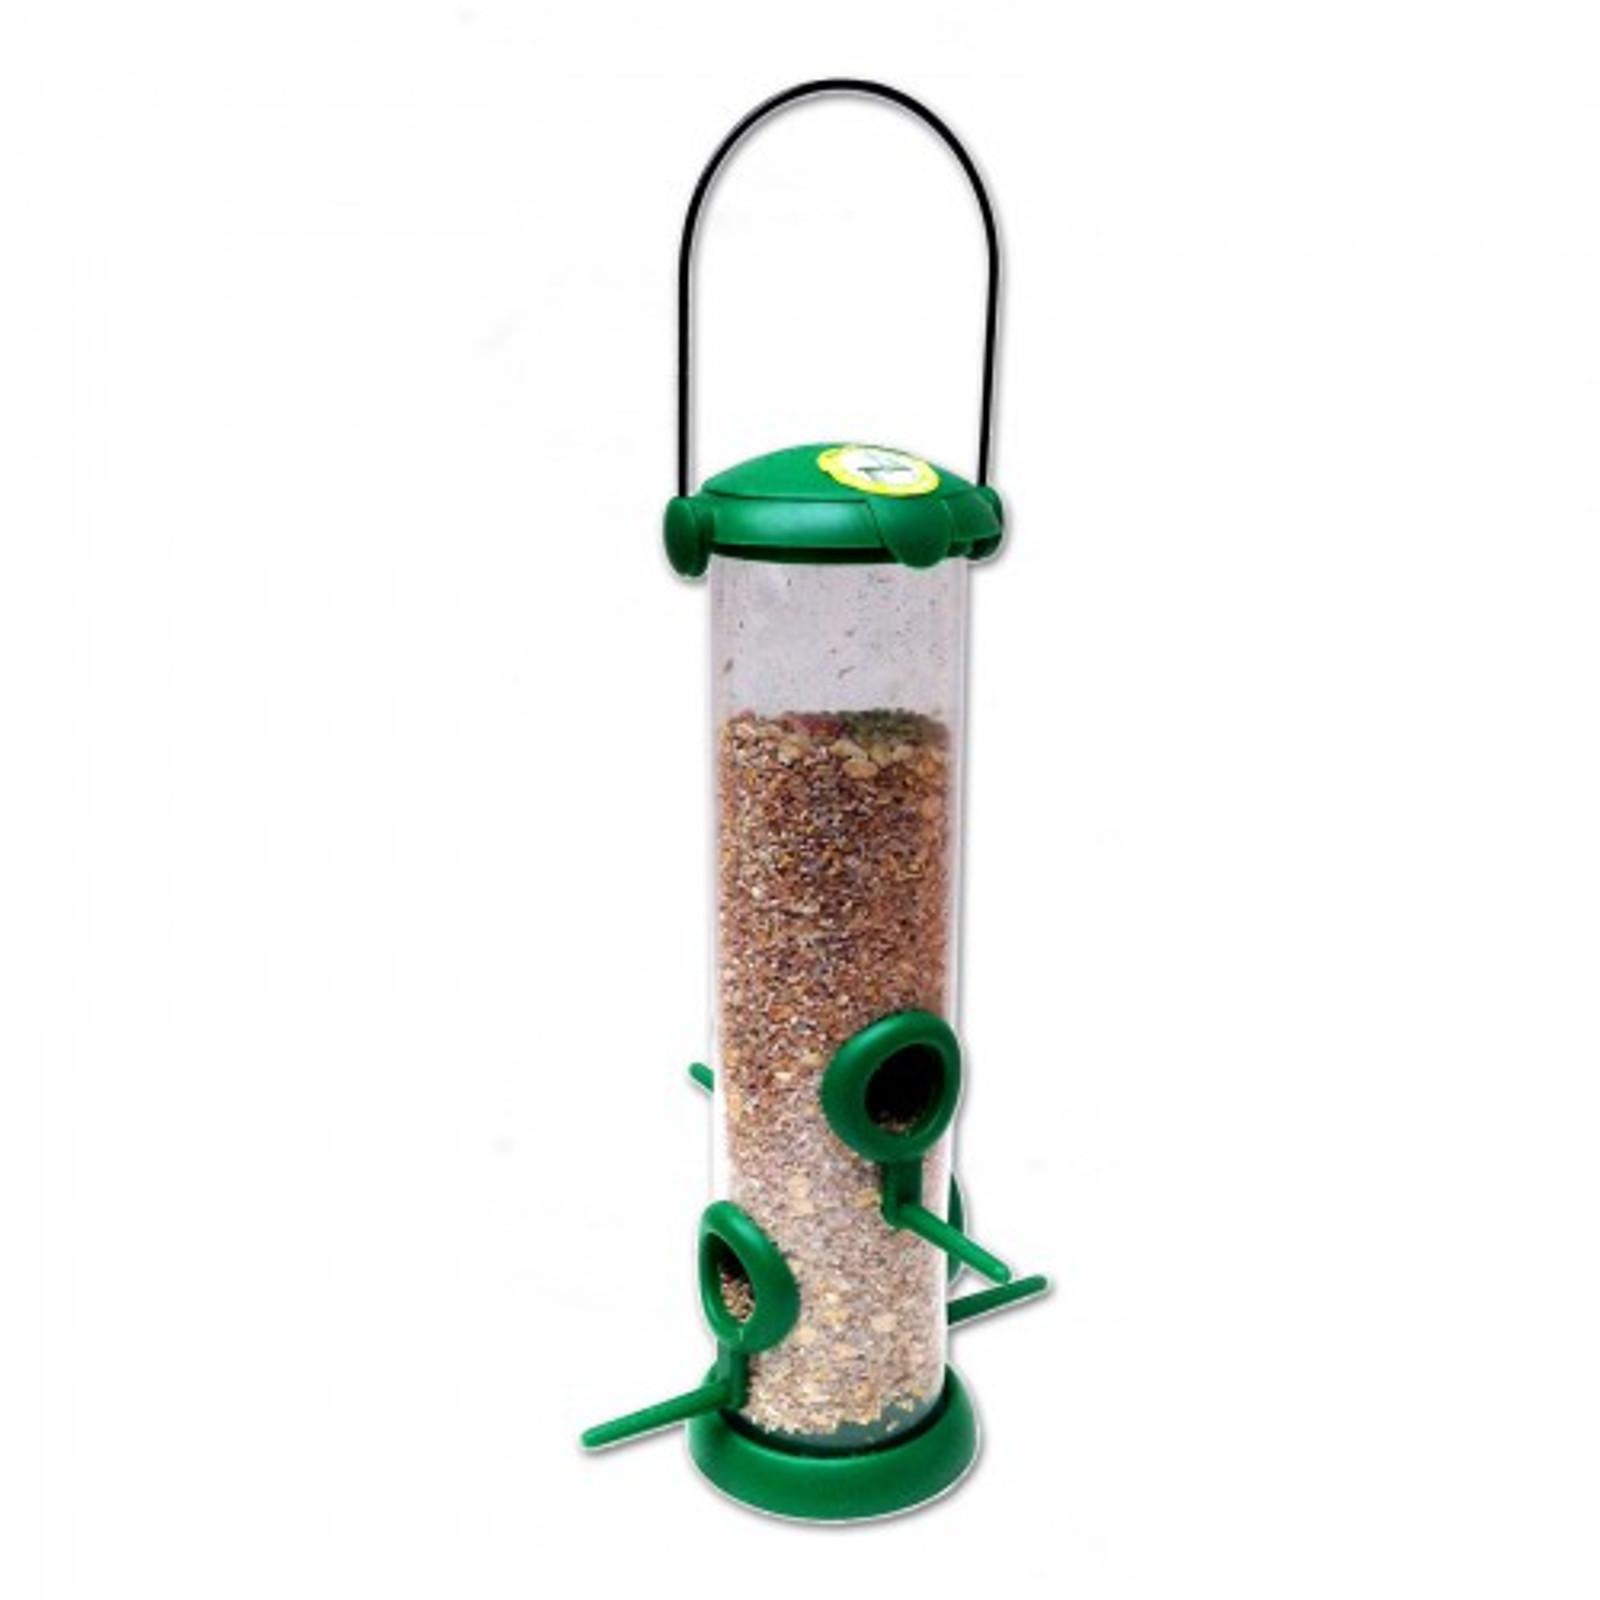 Großer Futterspender für Samen, Futtermischungen, Sonnenblumenkerne, Erdnussbruch mit Klappdeckel – Bild 2